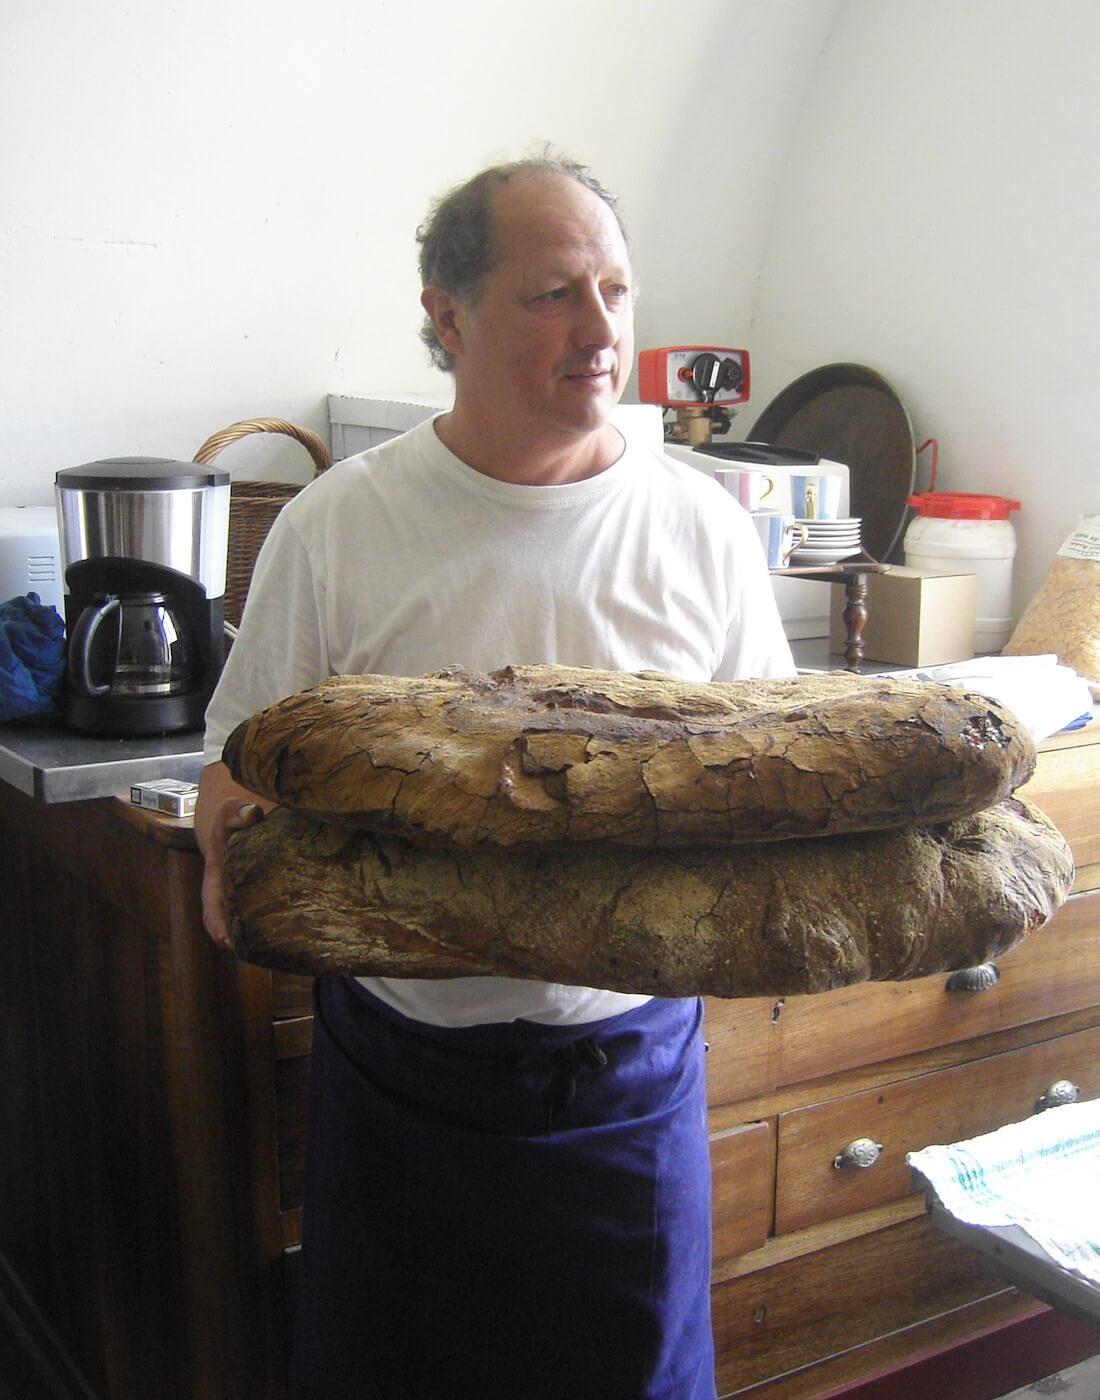 JP avec 2 gros pains de campagne